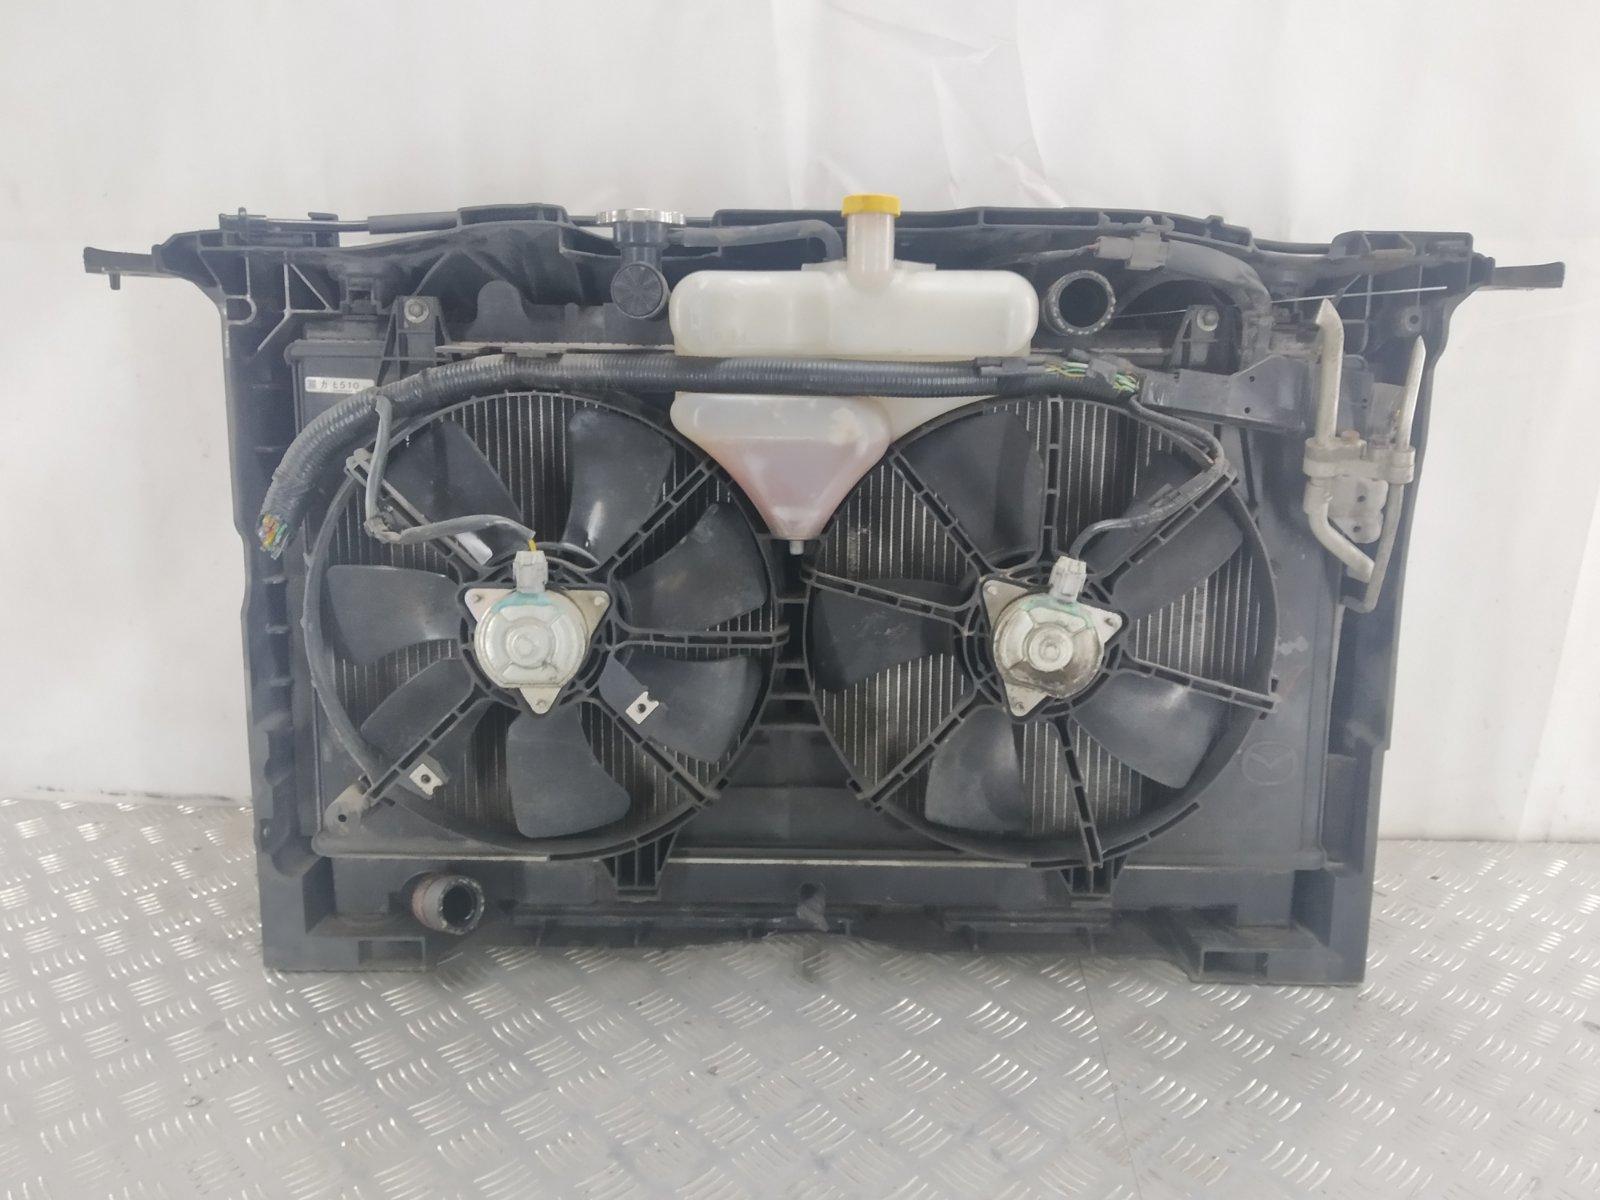 Кассета радиаторов Mazda 6 2.0 TD 2008 (б/у)